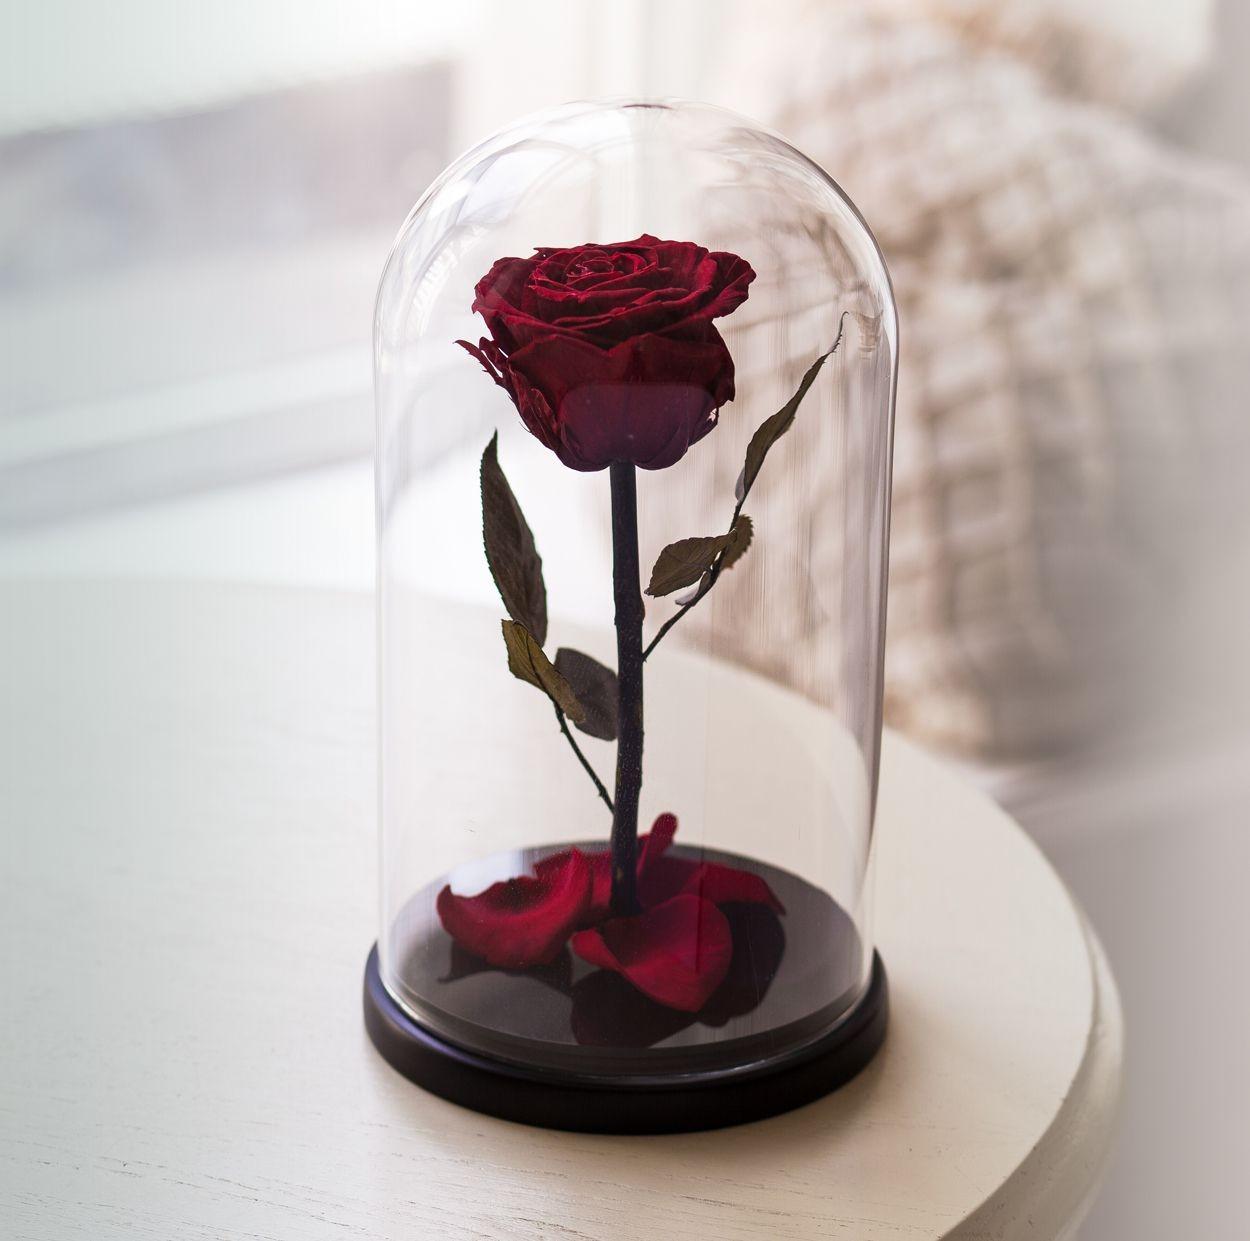 Покупаем розу в колбе